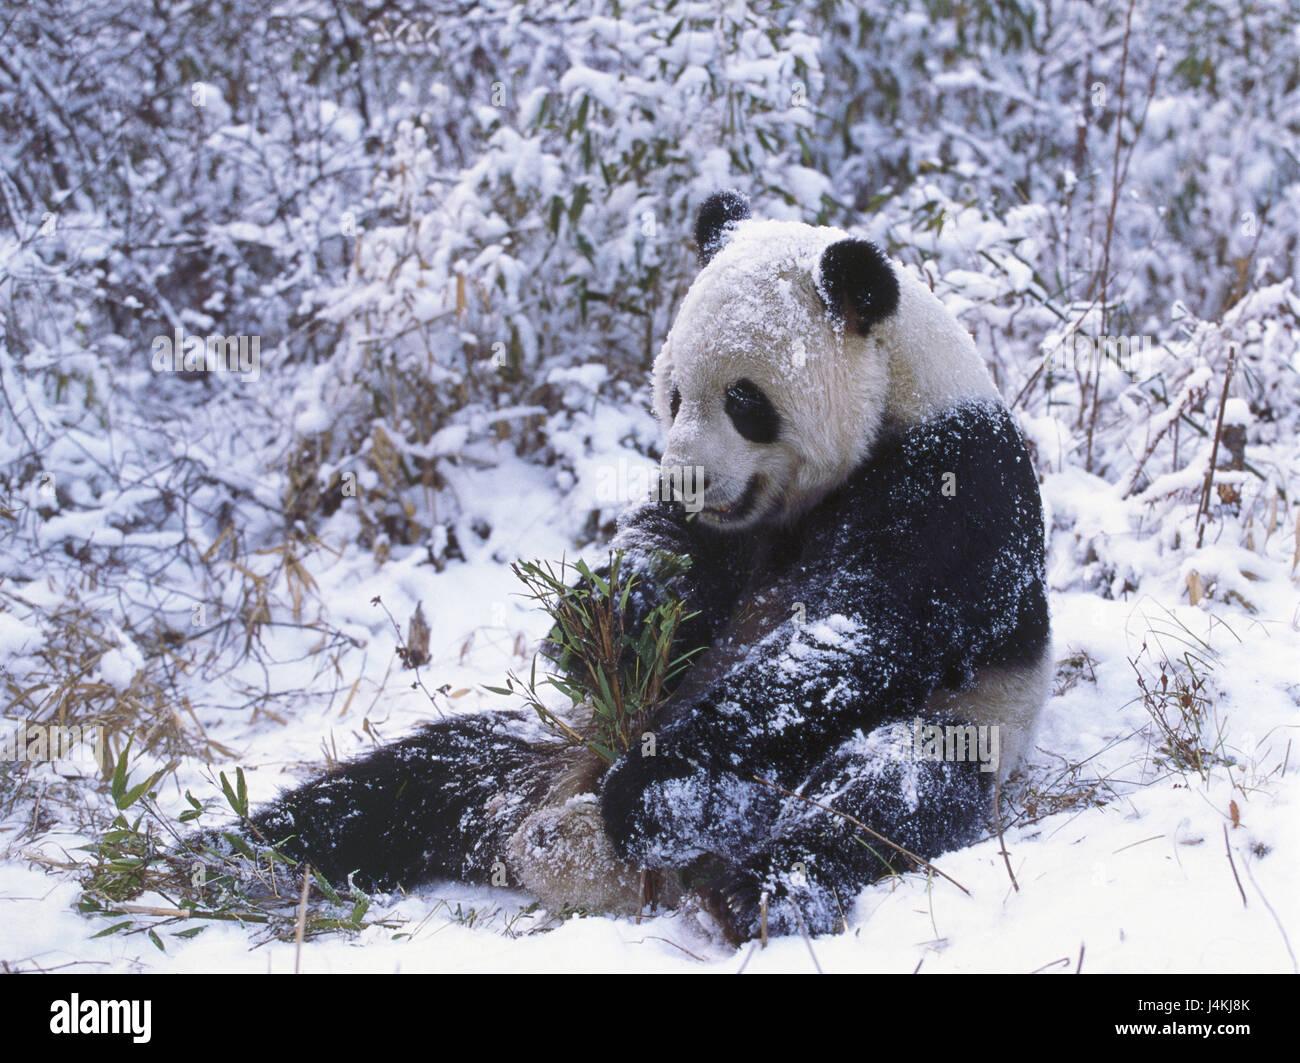 Legno, big panda, Ailuropoda melanoleuca, sedersi, bambù, ingestione, inverno mondo animale, deserto, la fauna Immagini Stock